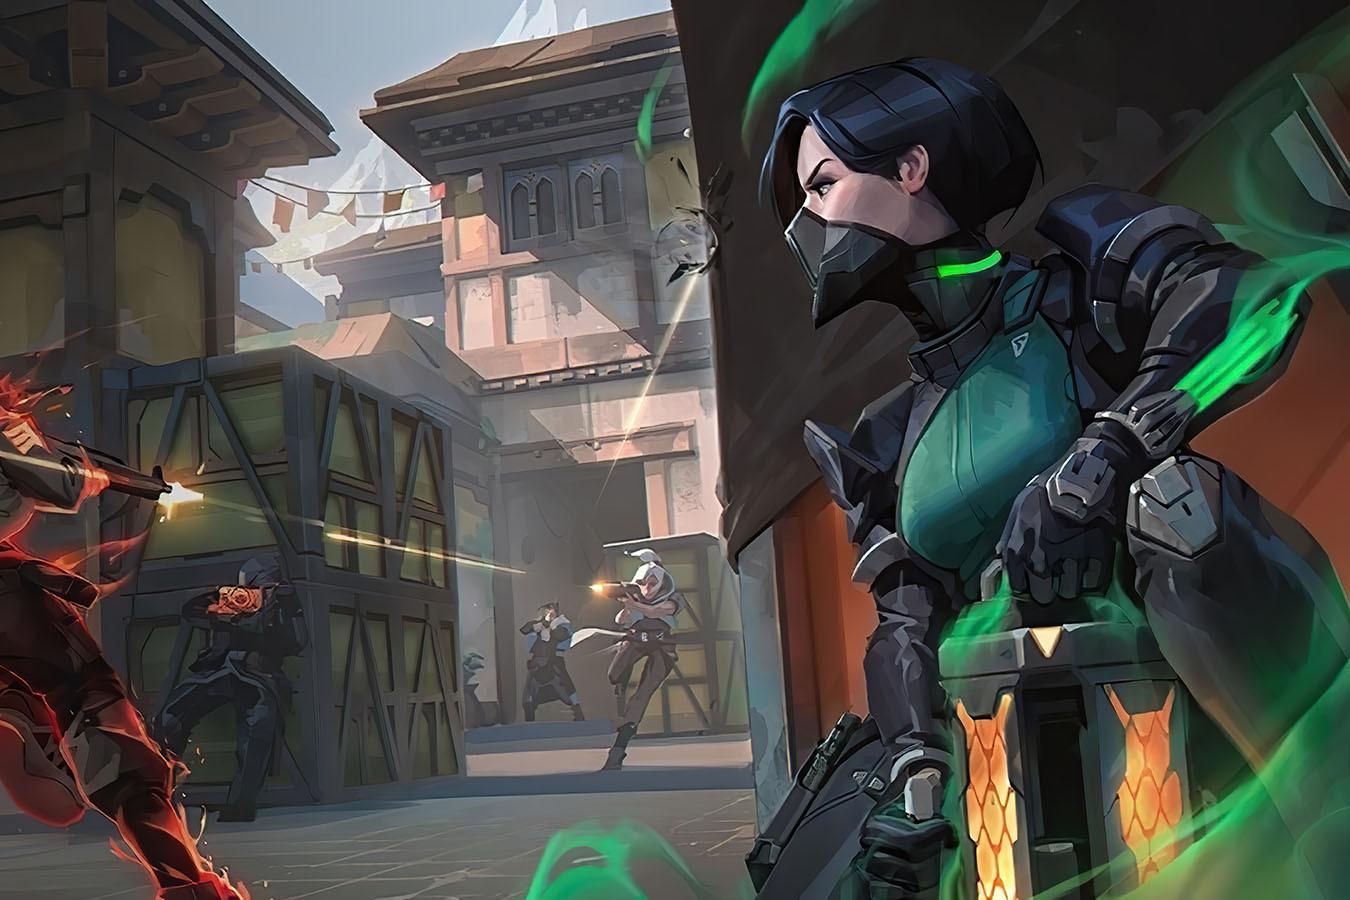 Похоже, что в Valorant появится режим Team Deathmatch